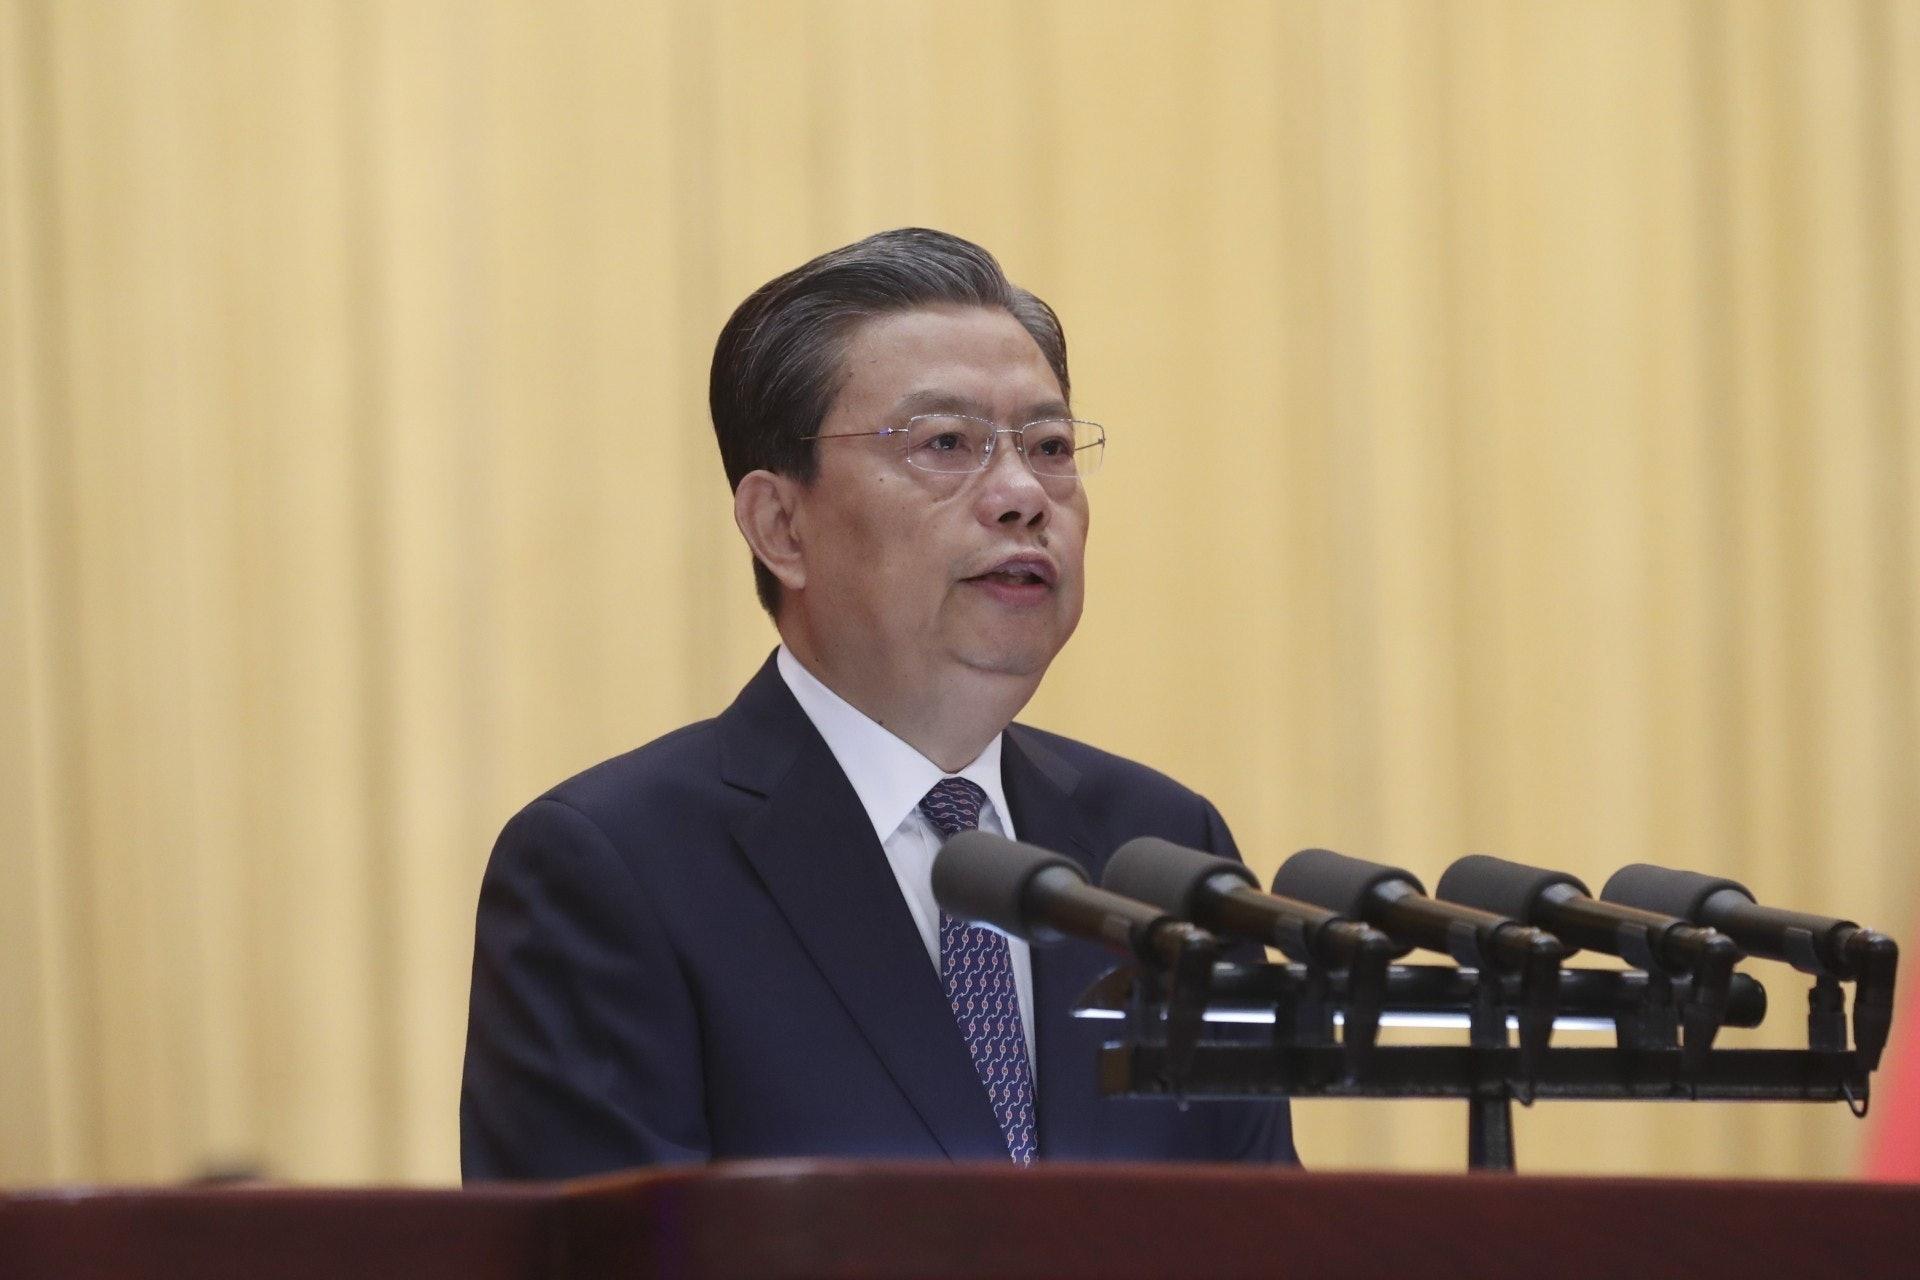 由2013年至2016年,趙樂際(圖)兩次向中央推薦提名駱惠寧出任重職。